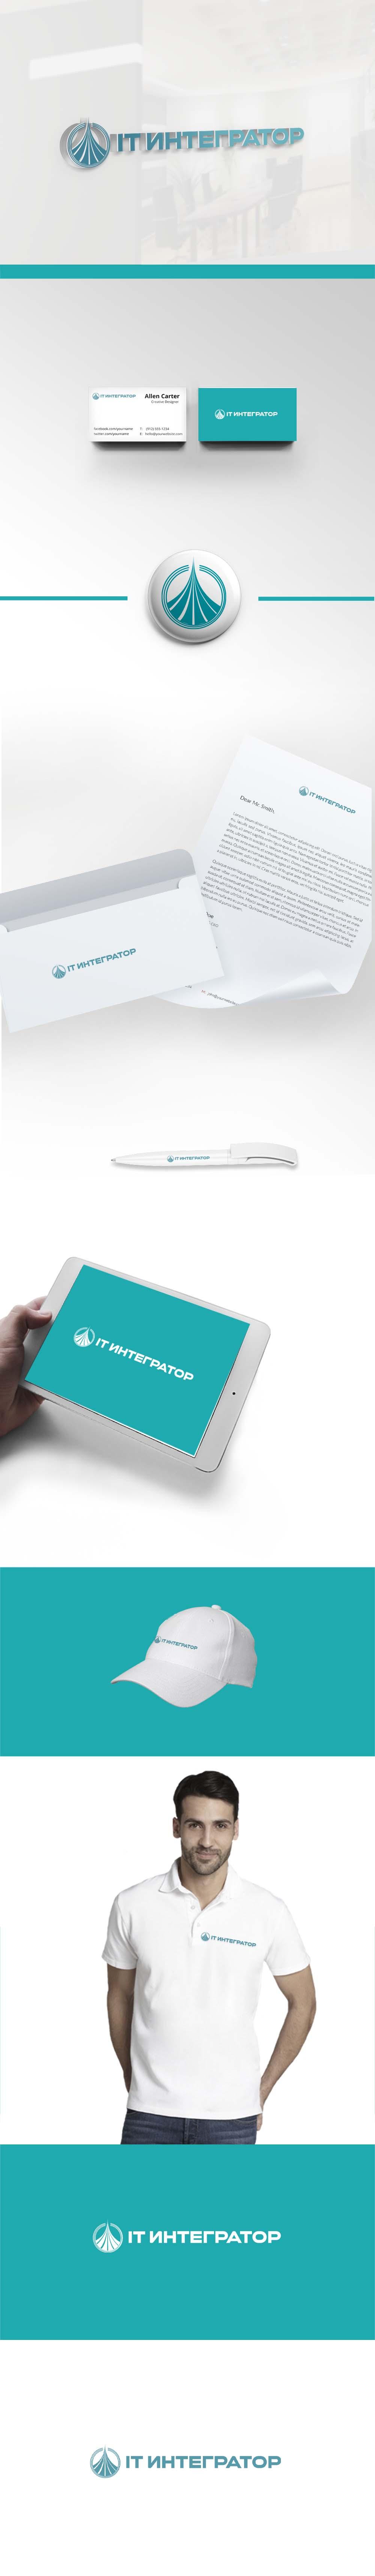 Логотип для IT интегратора фото f_475614b75c20d14d.jpg